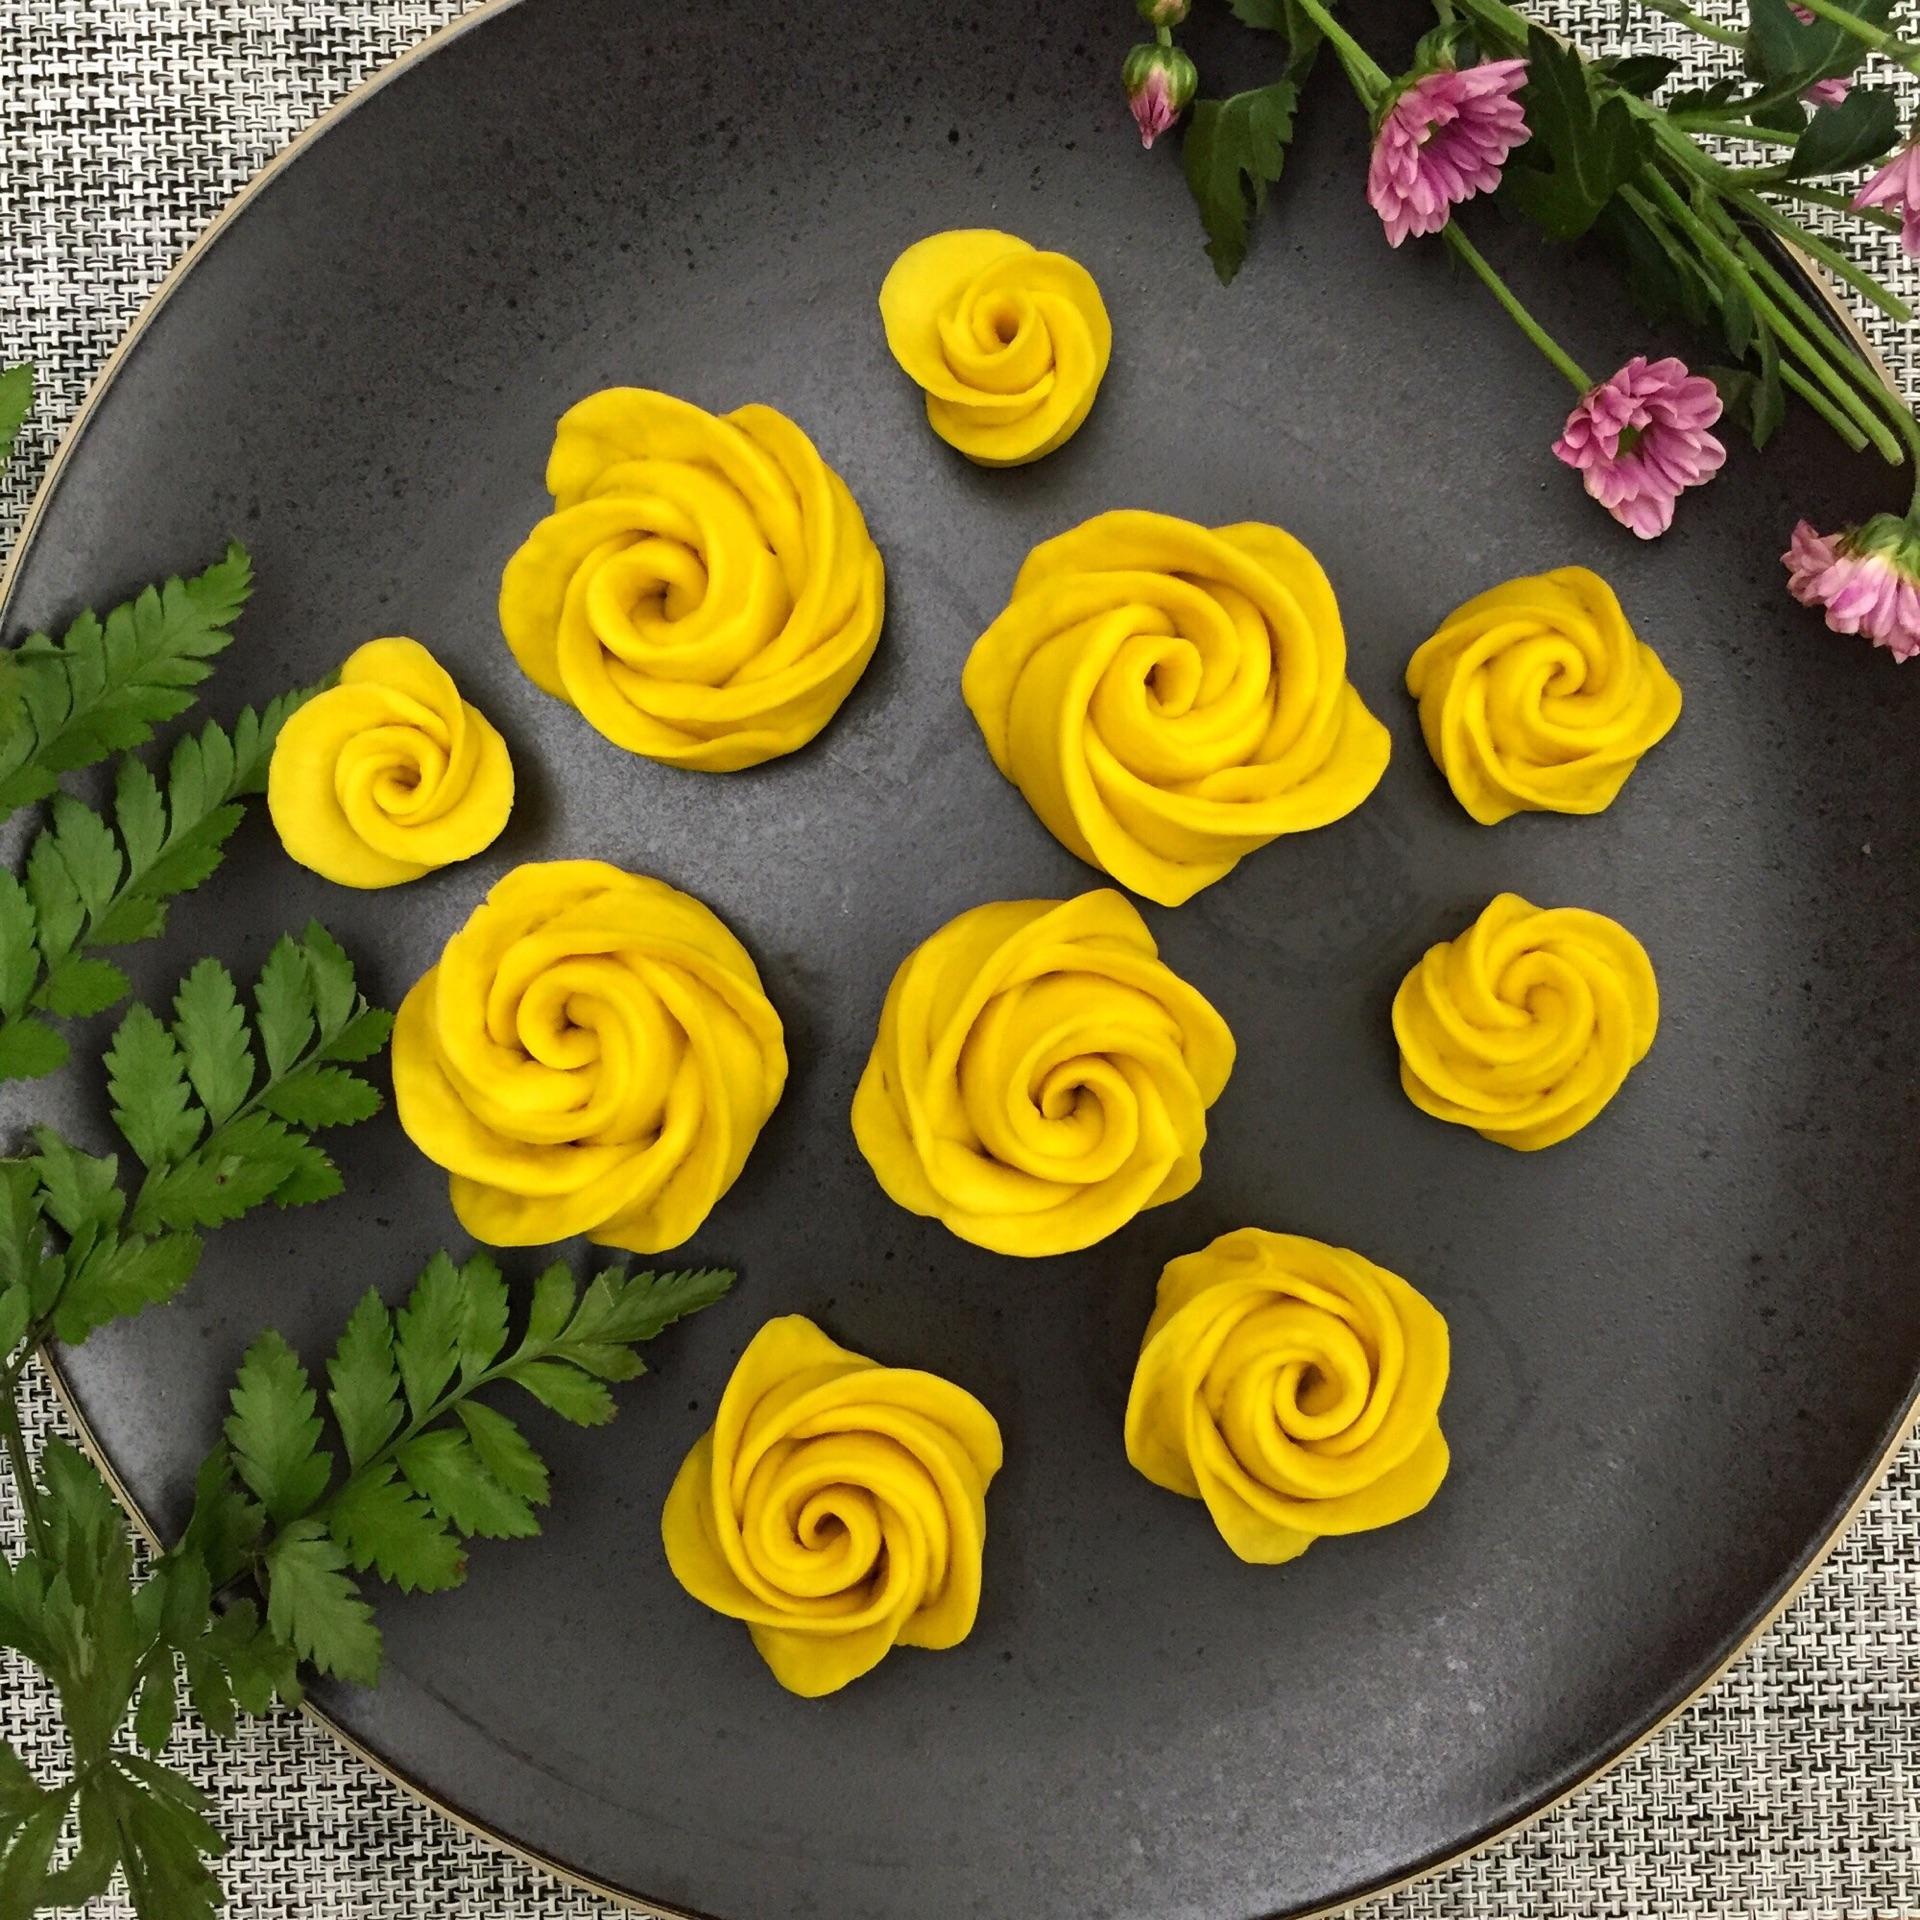 想把南瓜消耗掉~没做过面包类,看到微博有玫瑰花馒头觉得好看